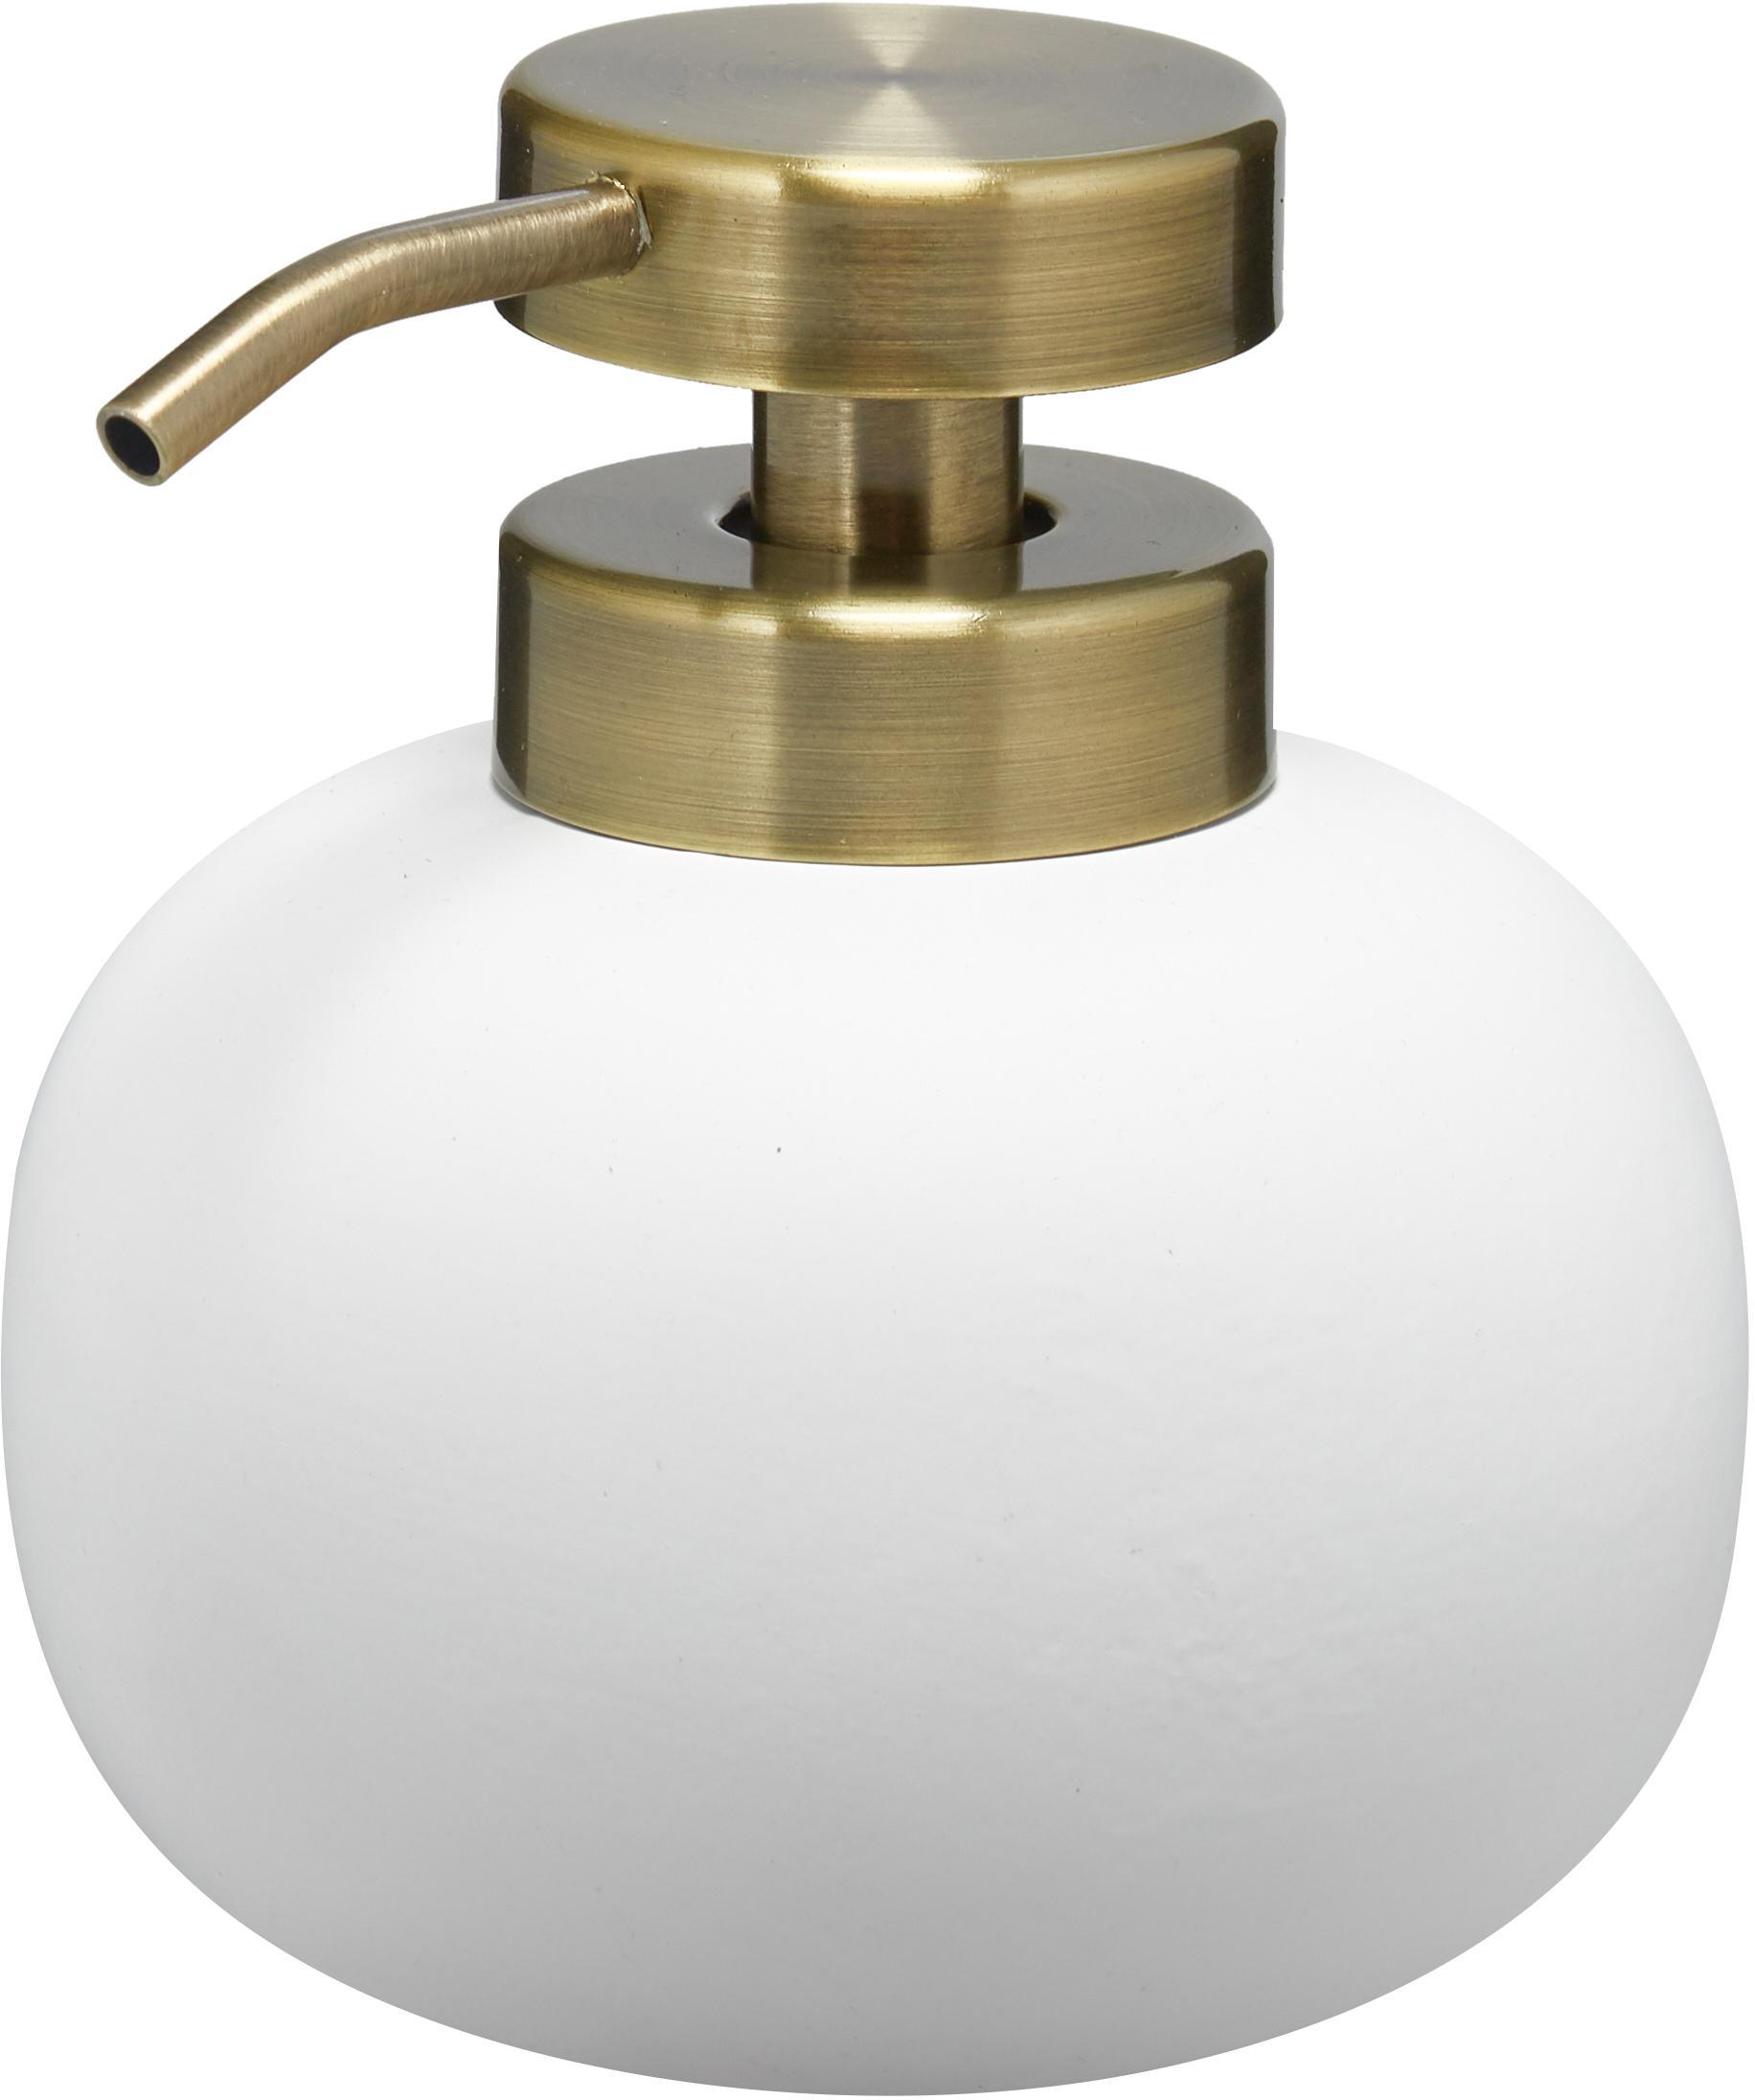 Keramik-Seifenspender Lotus, Behälter: Keramik, Pumpkopf: Metall, beschichtet, Weiß, Messingfarben, Ø 11 x H 13 cm